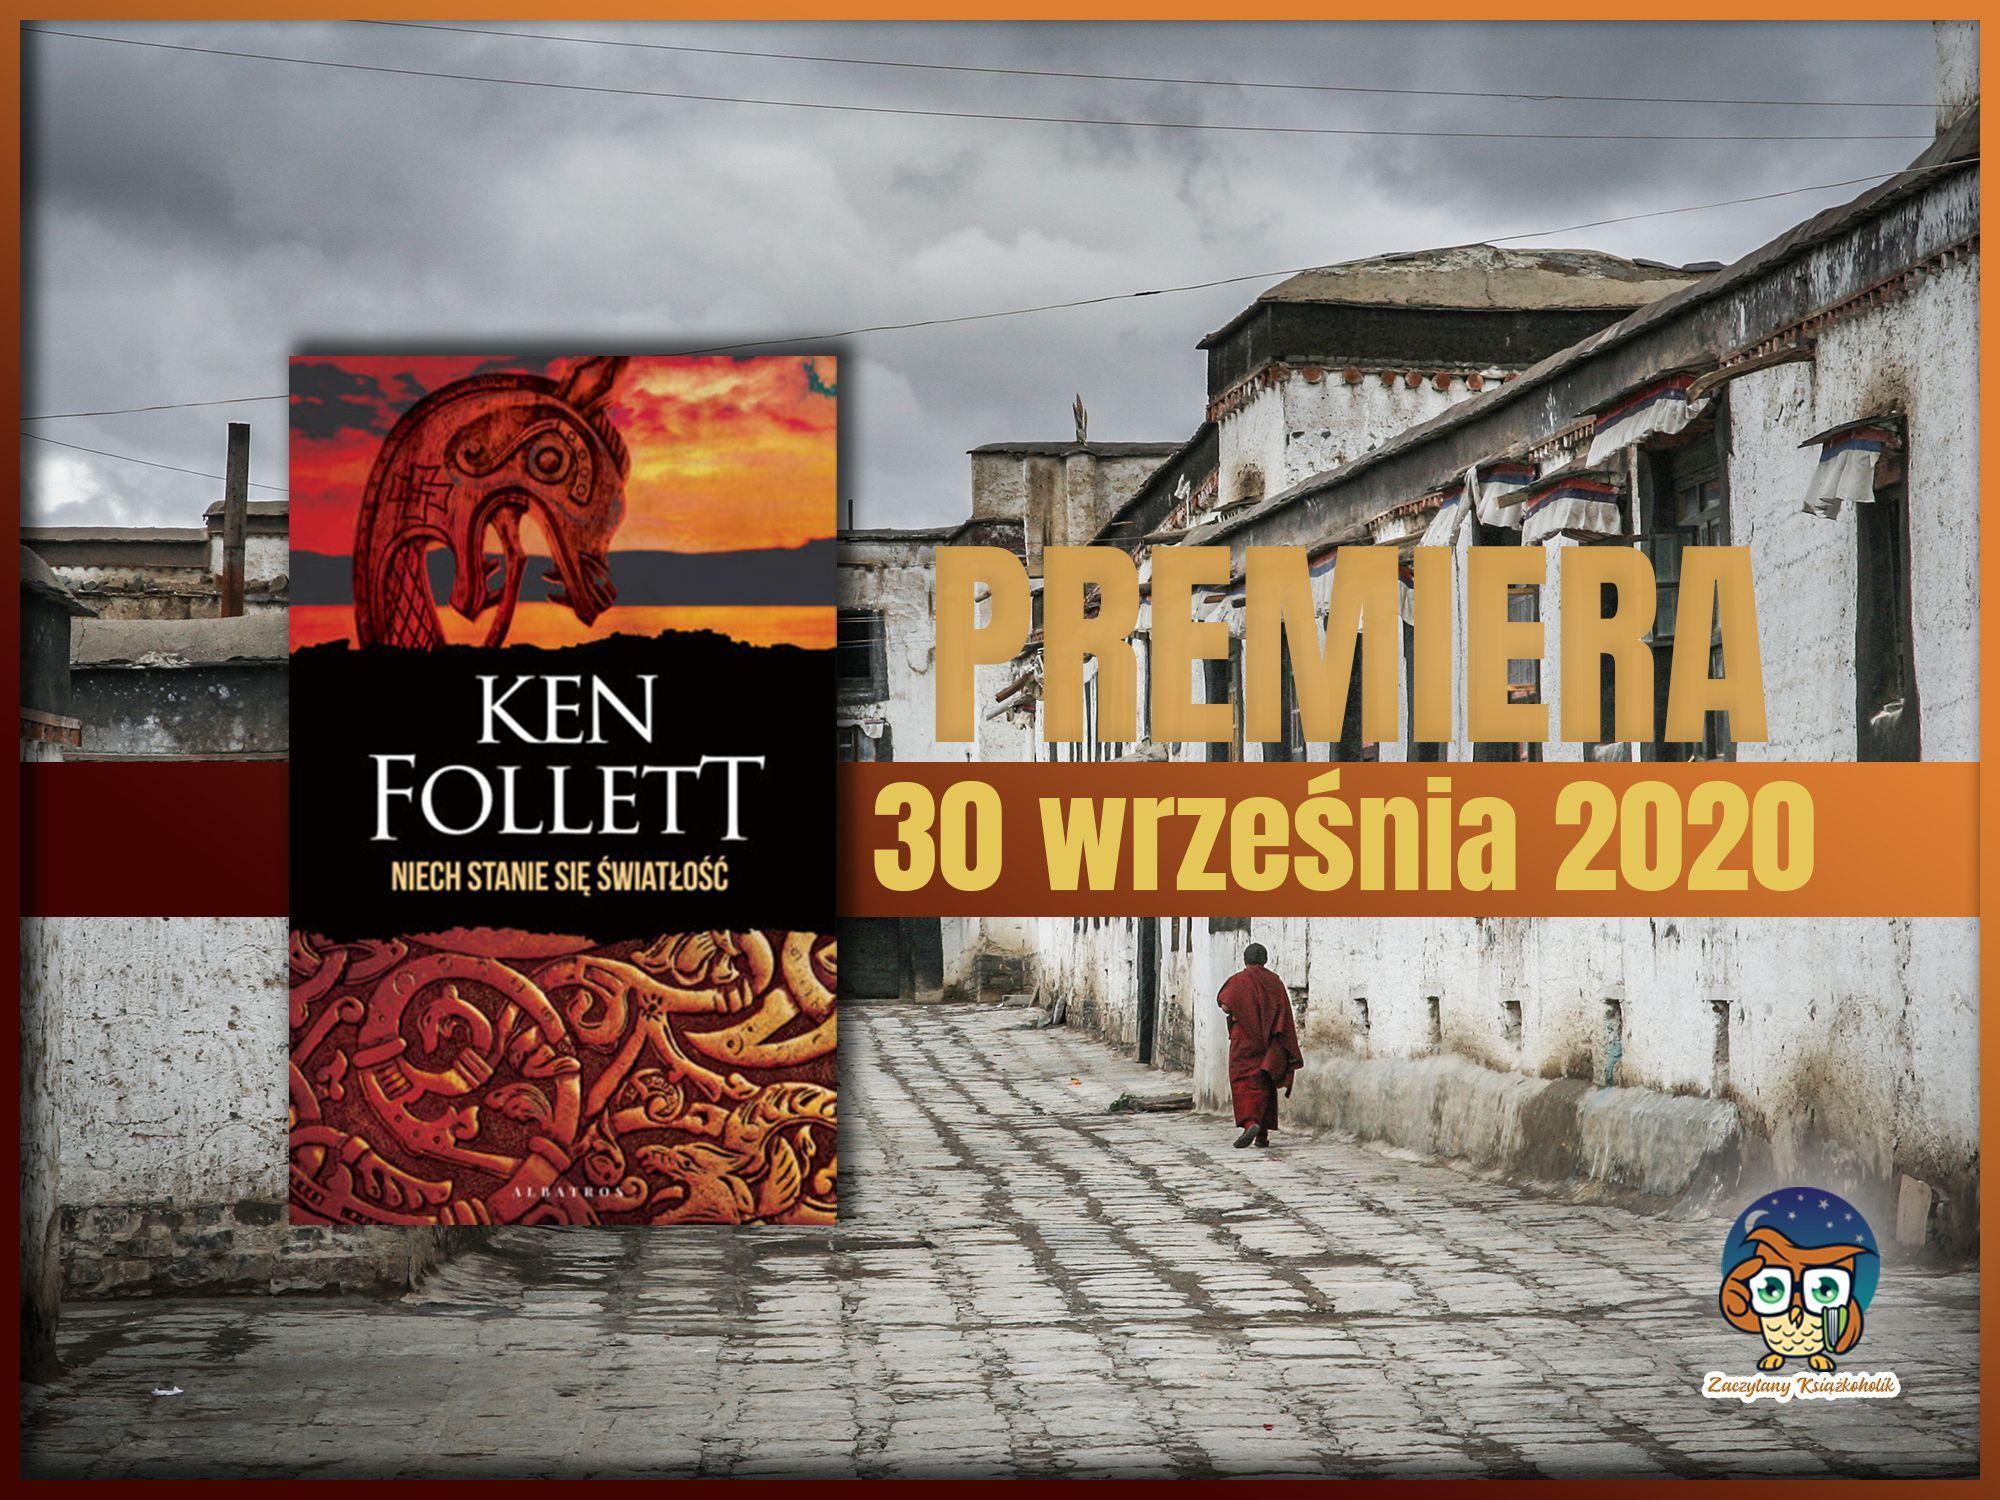 Niech stanie się światłość, Ken Follett, zaczytanyksiazkoholik.pl